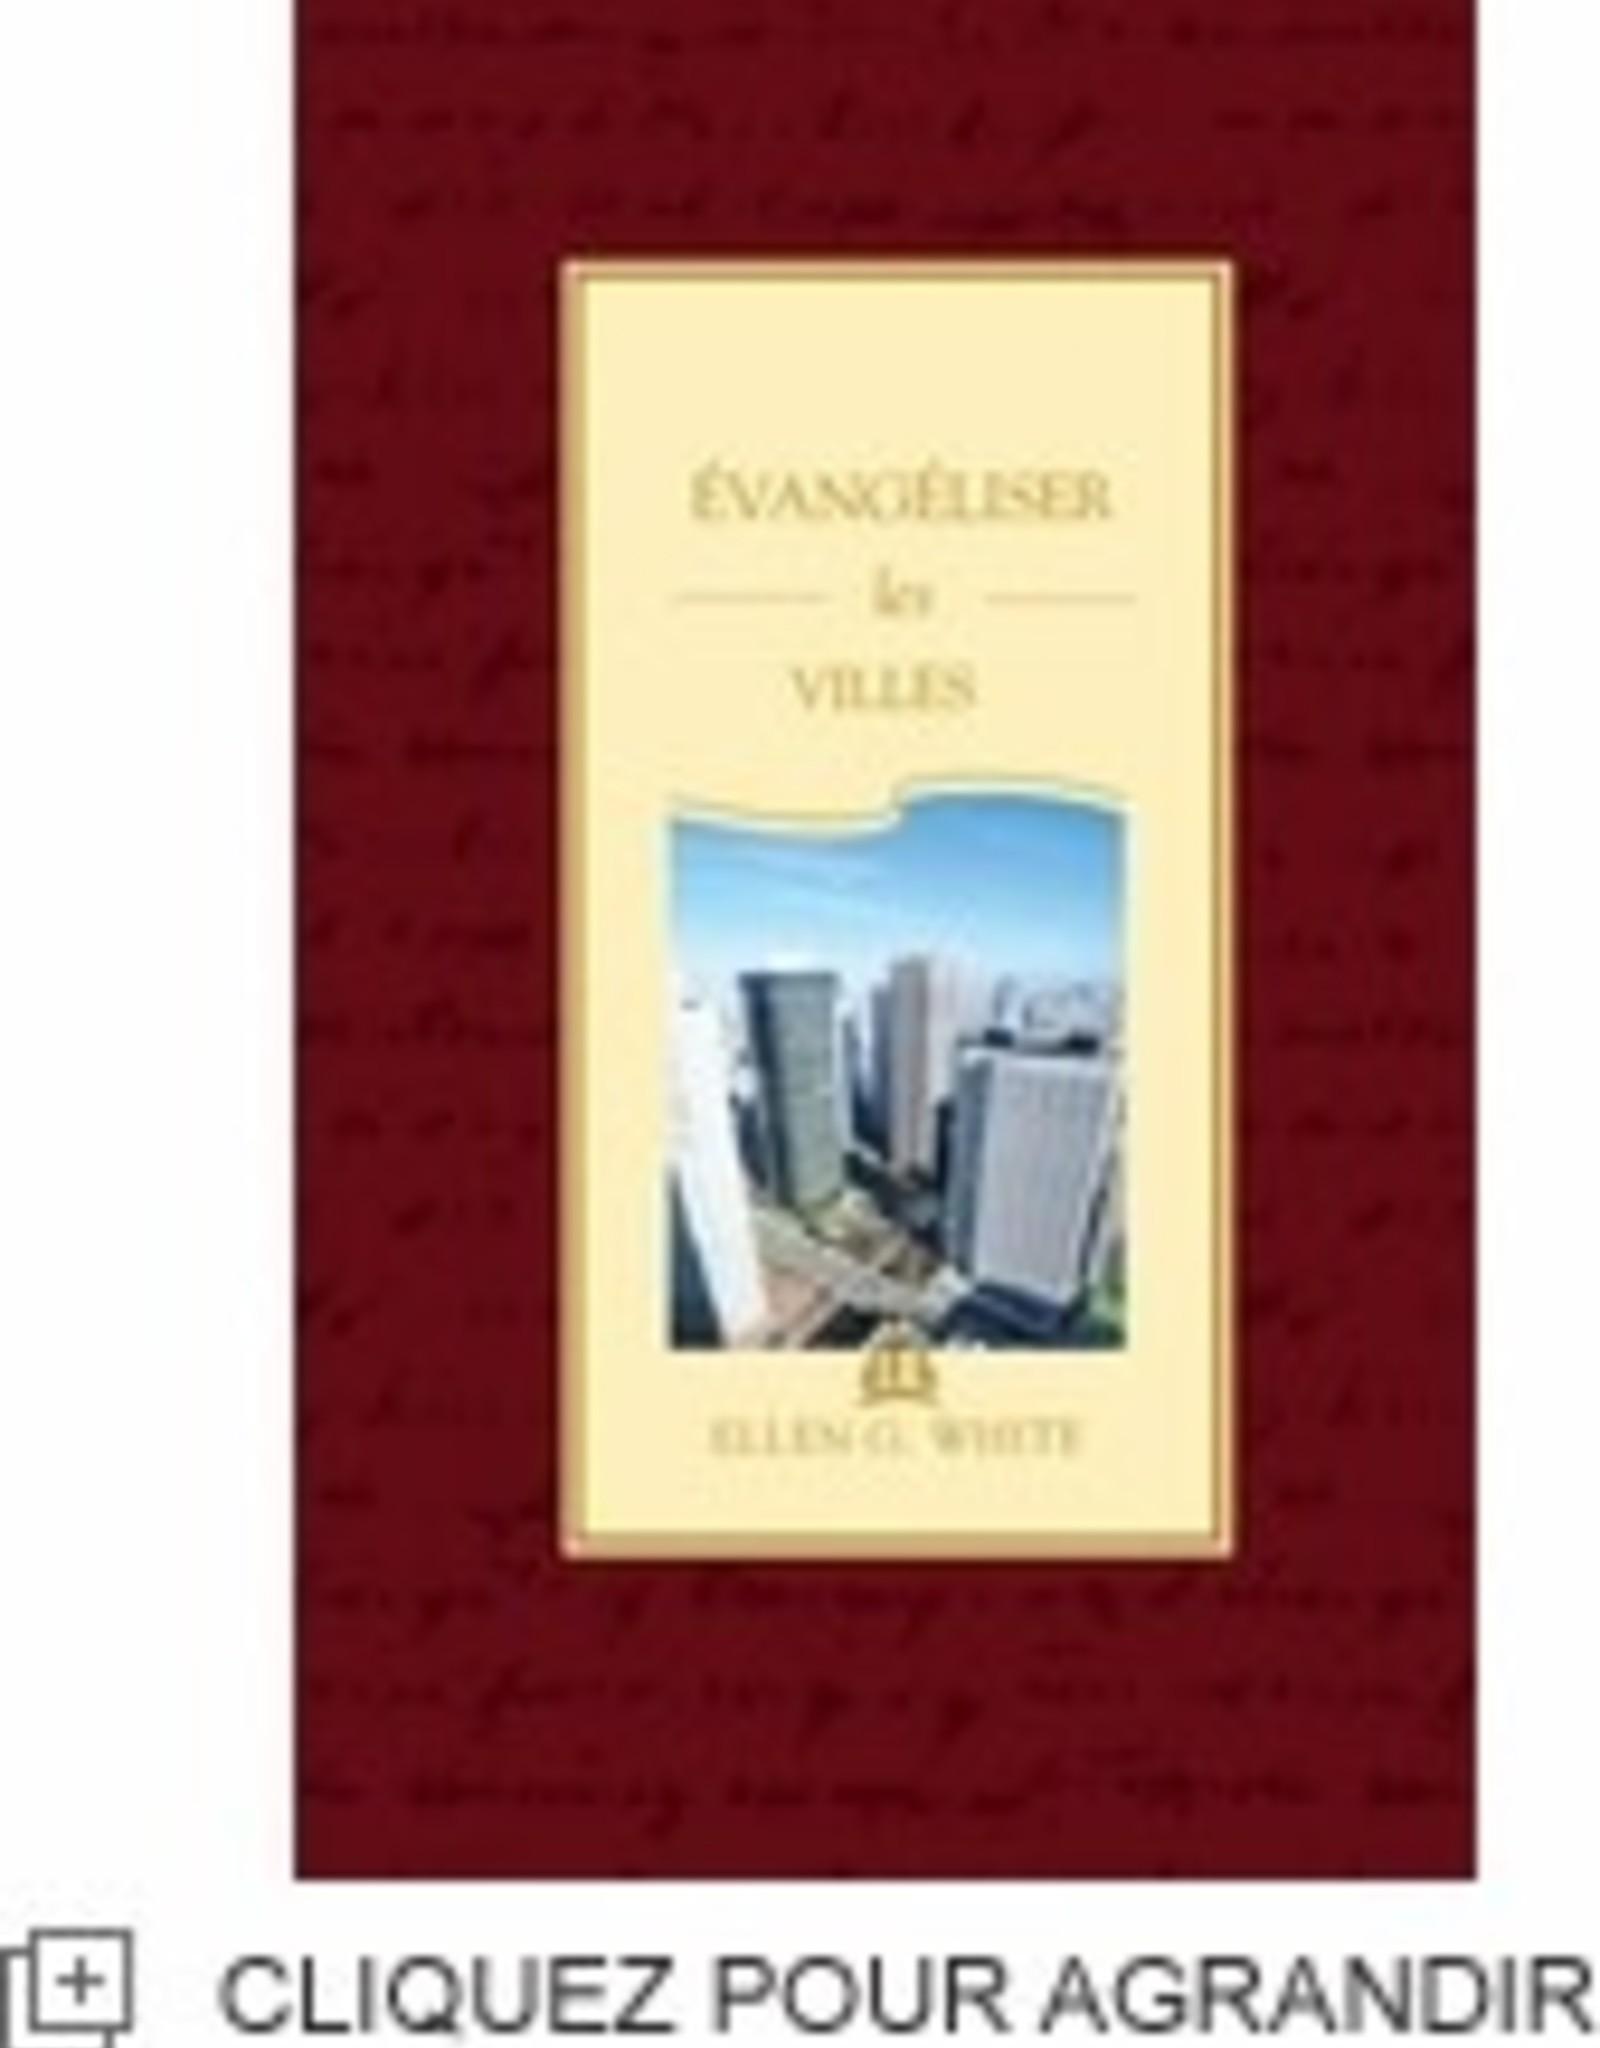 Évangéliser les villes